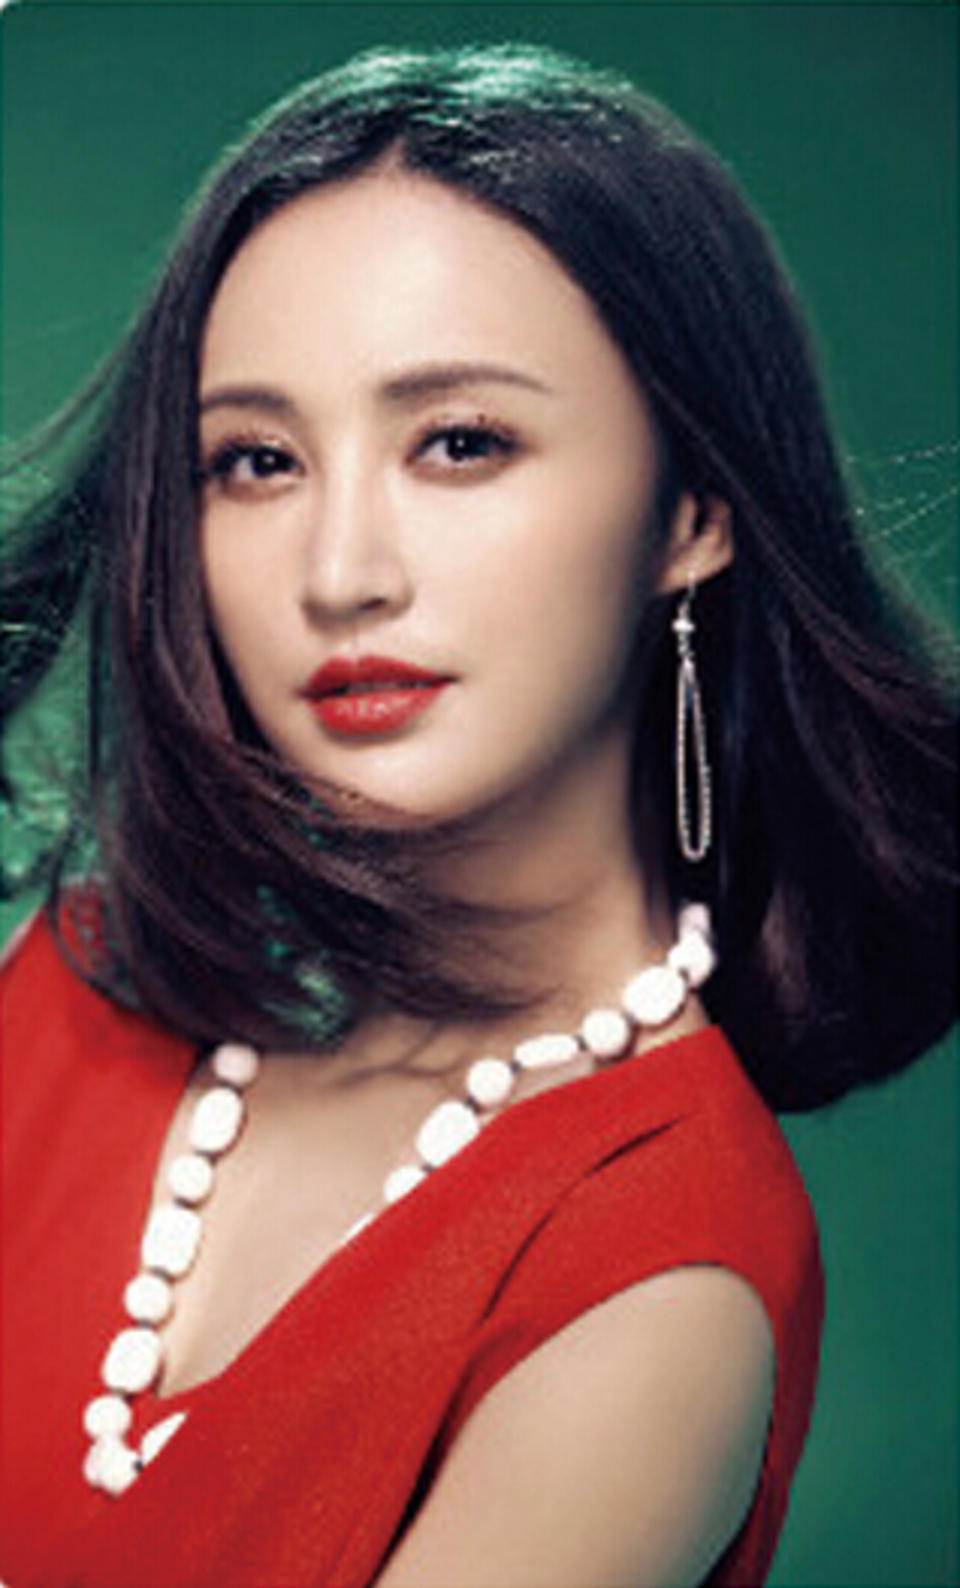 北京时装之都文化传播有限责任公司是位于中国首都北京,致力于杂志编辑出版和发行工作,旗下产品《时尚北京》杂志是代表北京的权威时尚杂志,在服装、时尚界具有重要地位。